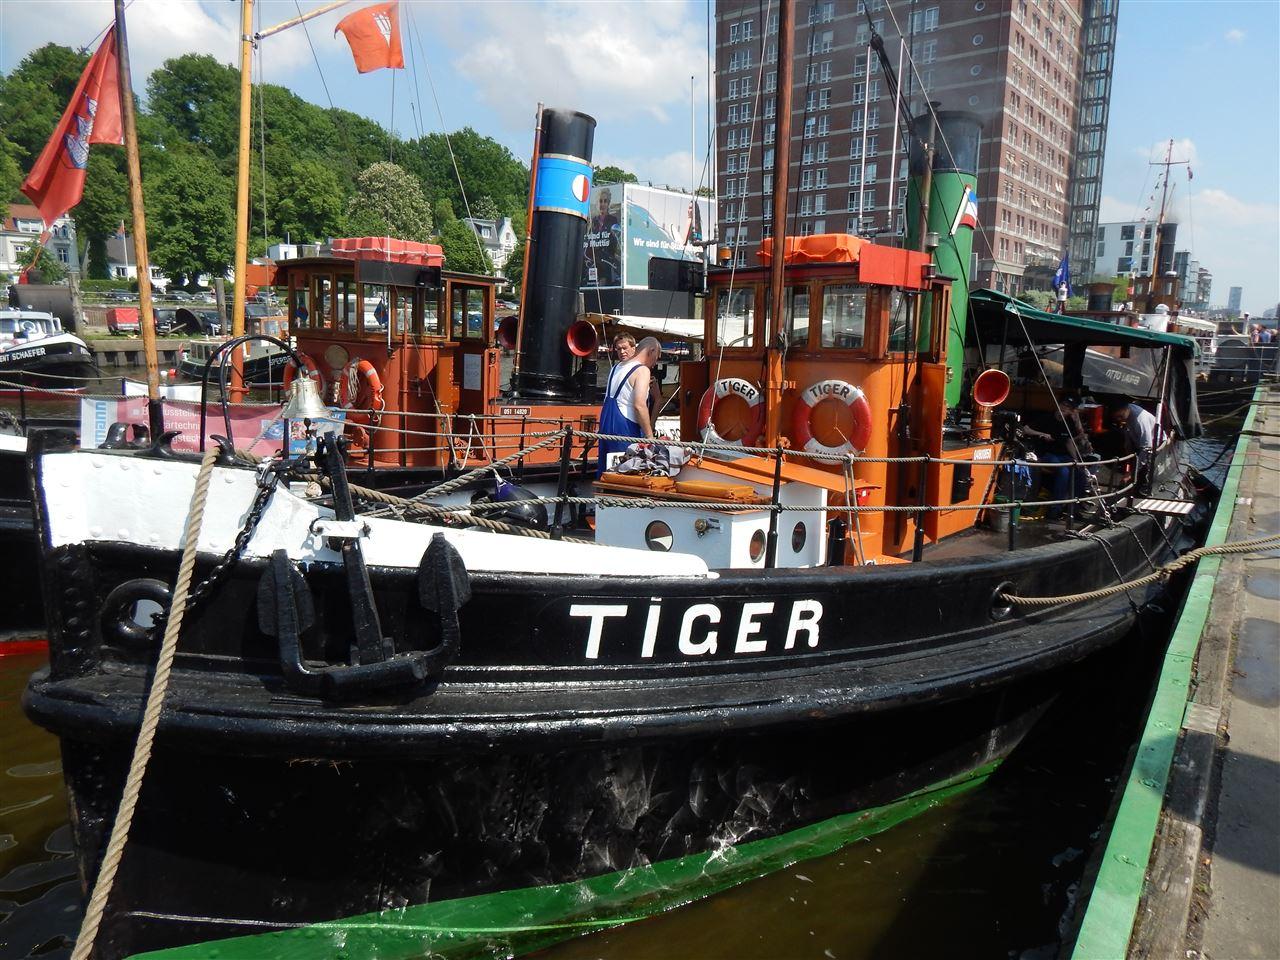 TIGER (5).JPG